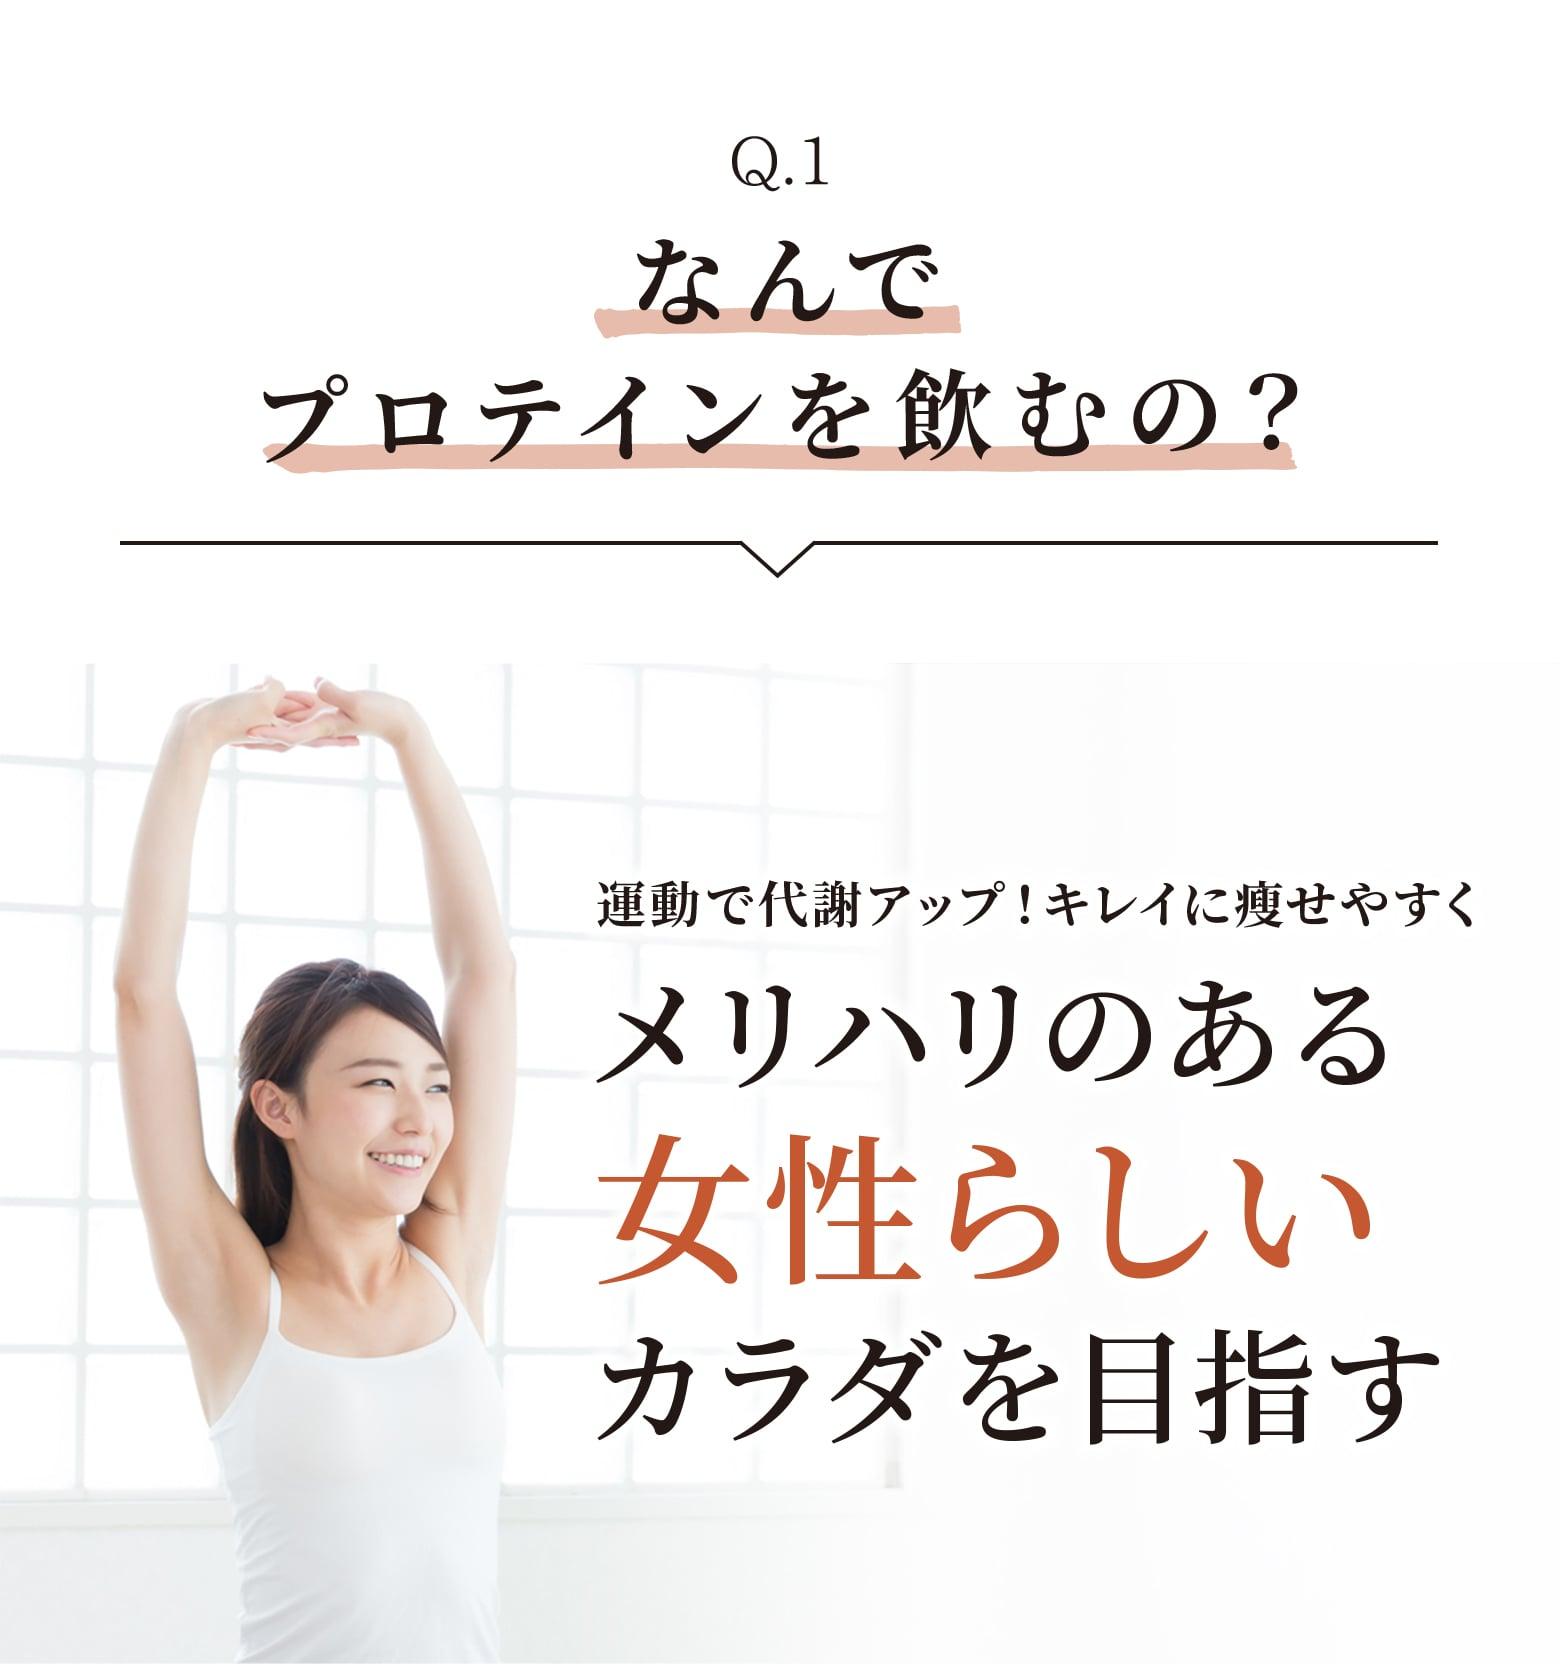 なんでプロテインを飲みの? 運動で代謝アップ!綺麗に痩せやすくメリハリのある女性らしいカラダを目指す